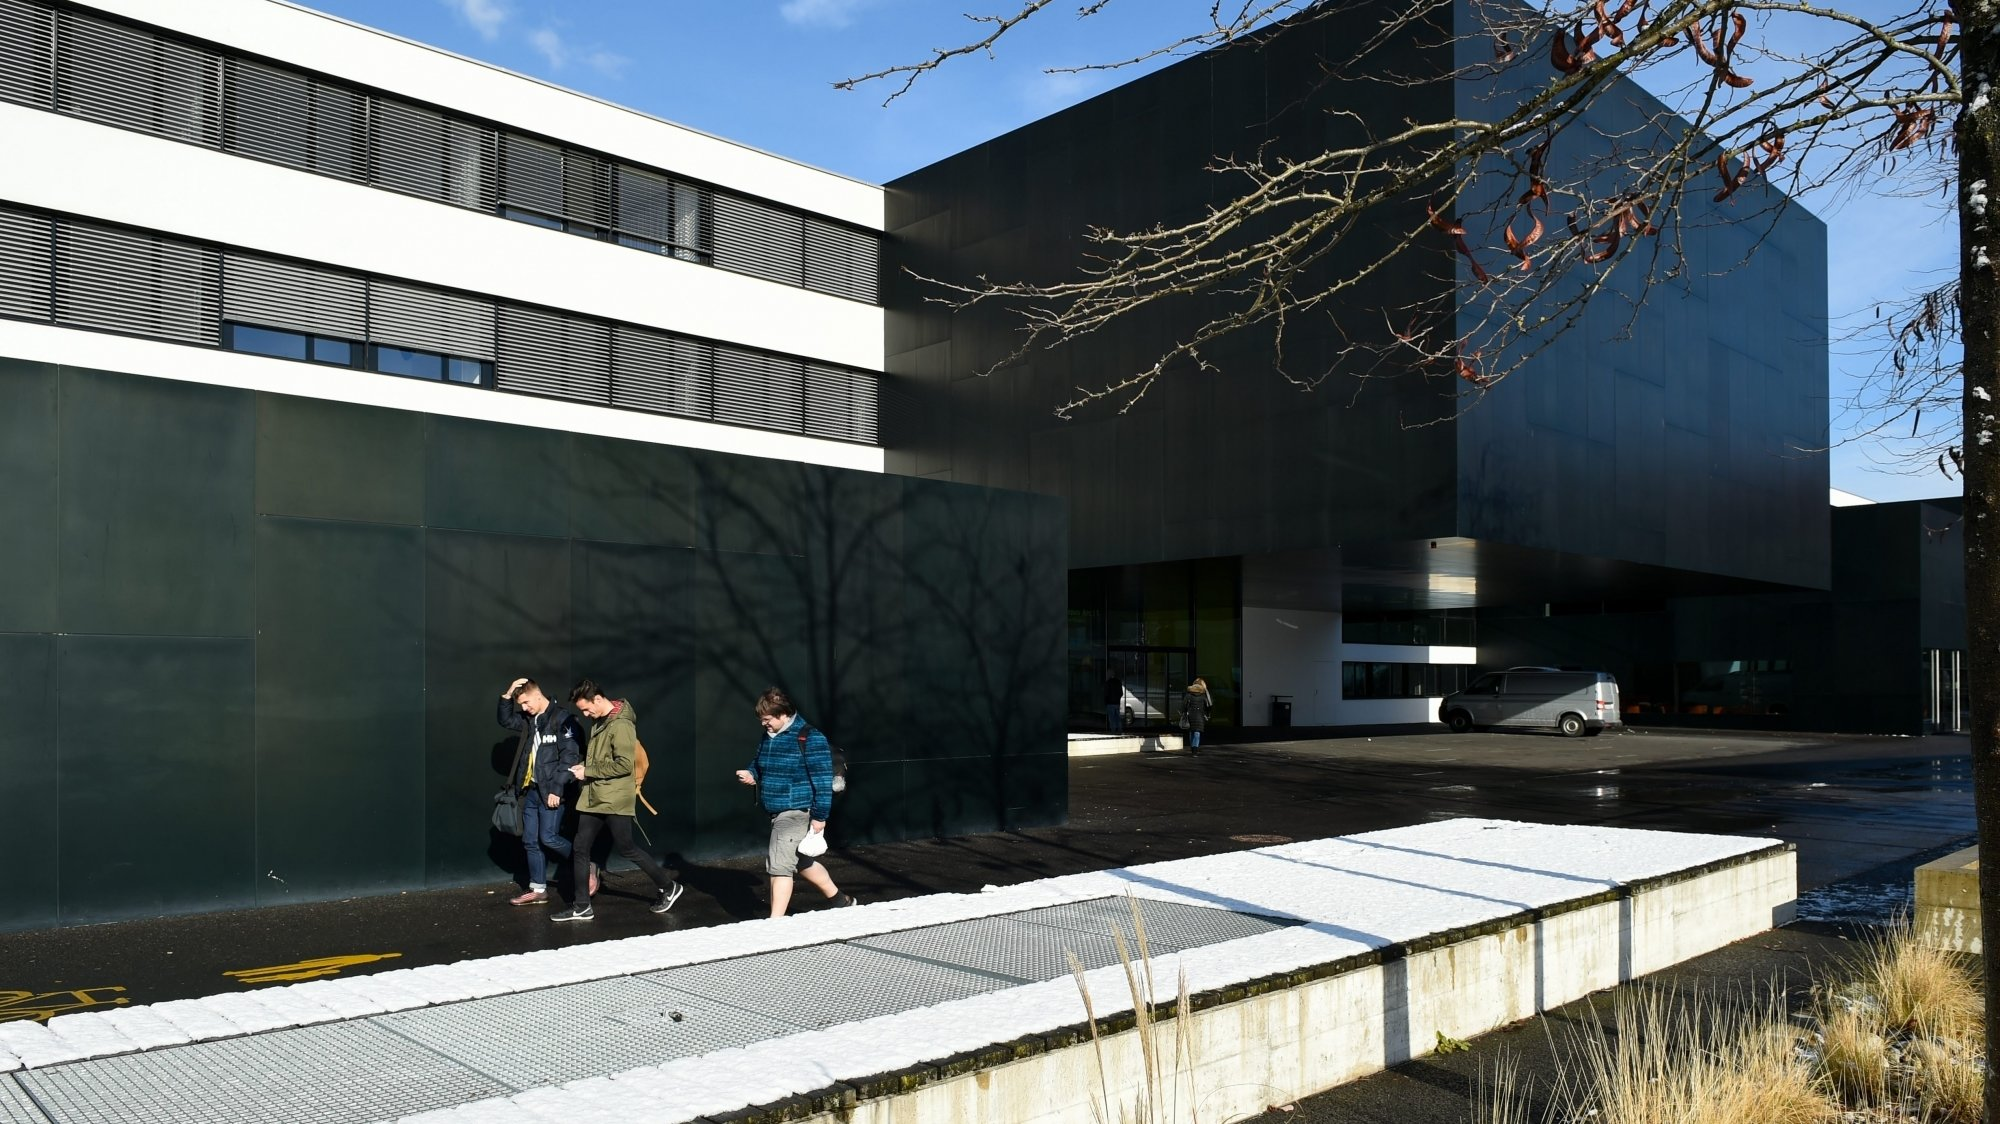 Neuchâtel: du Stravinsky au Conservatoire